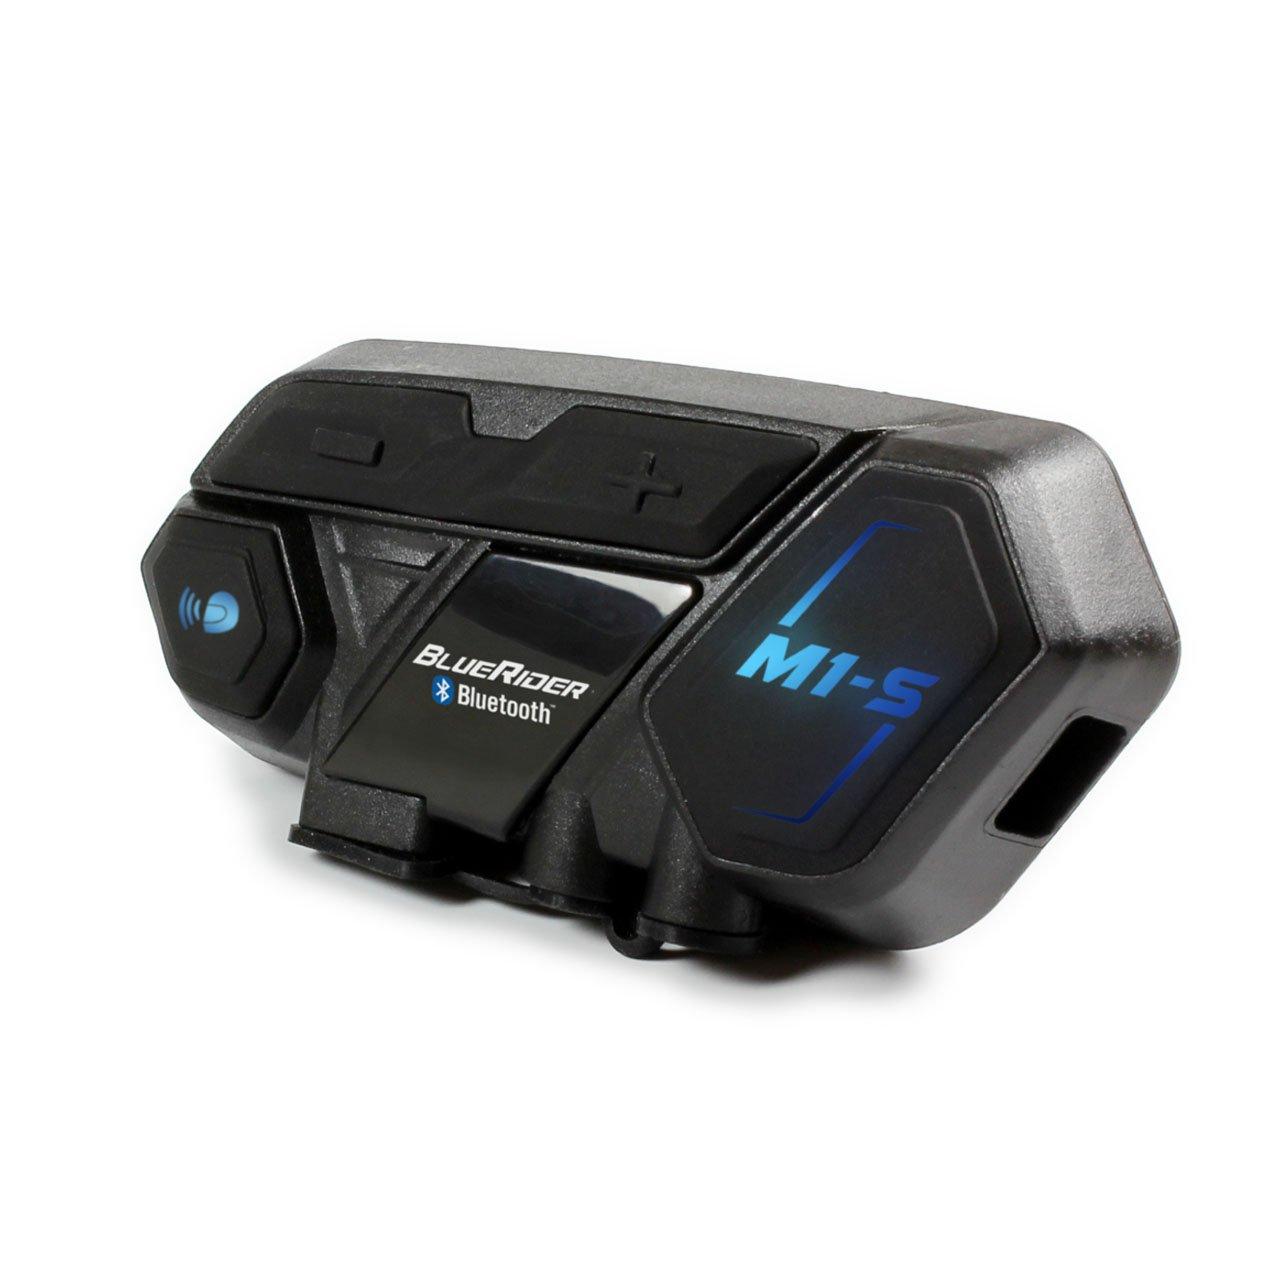 Motorcyle Bluetooth 4.1 Helmet Headset and Intercom ...